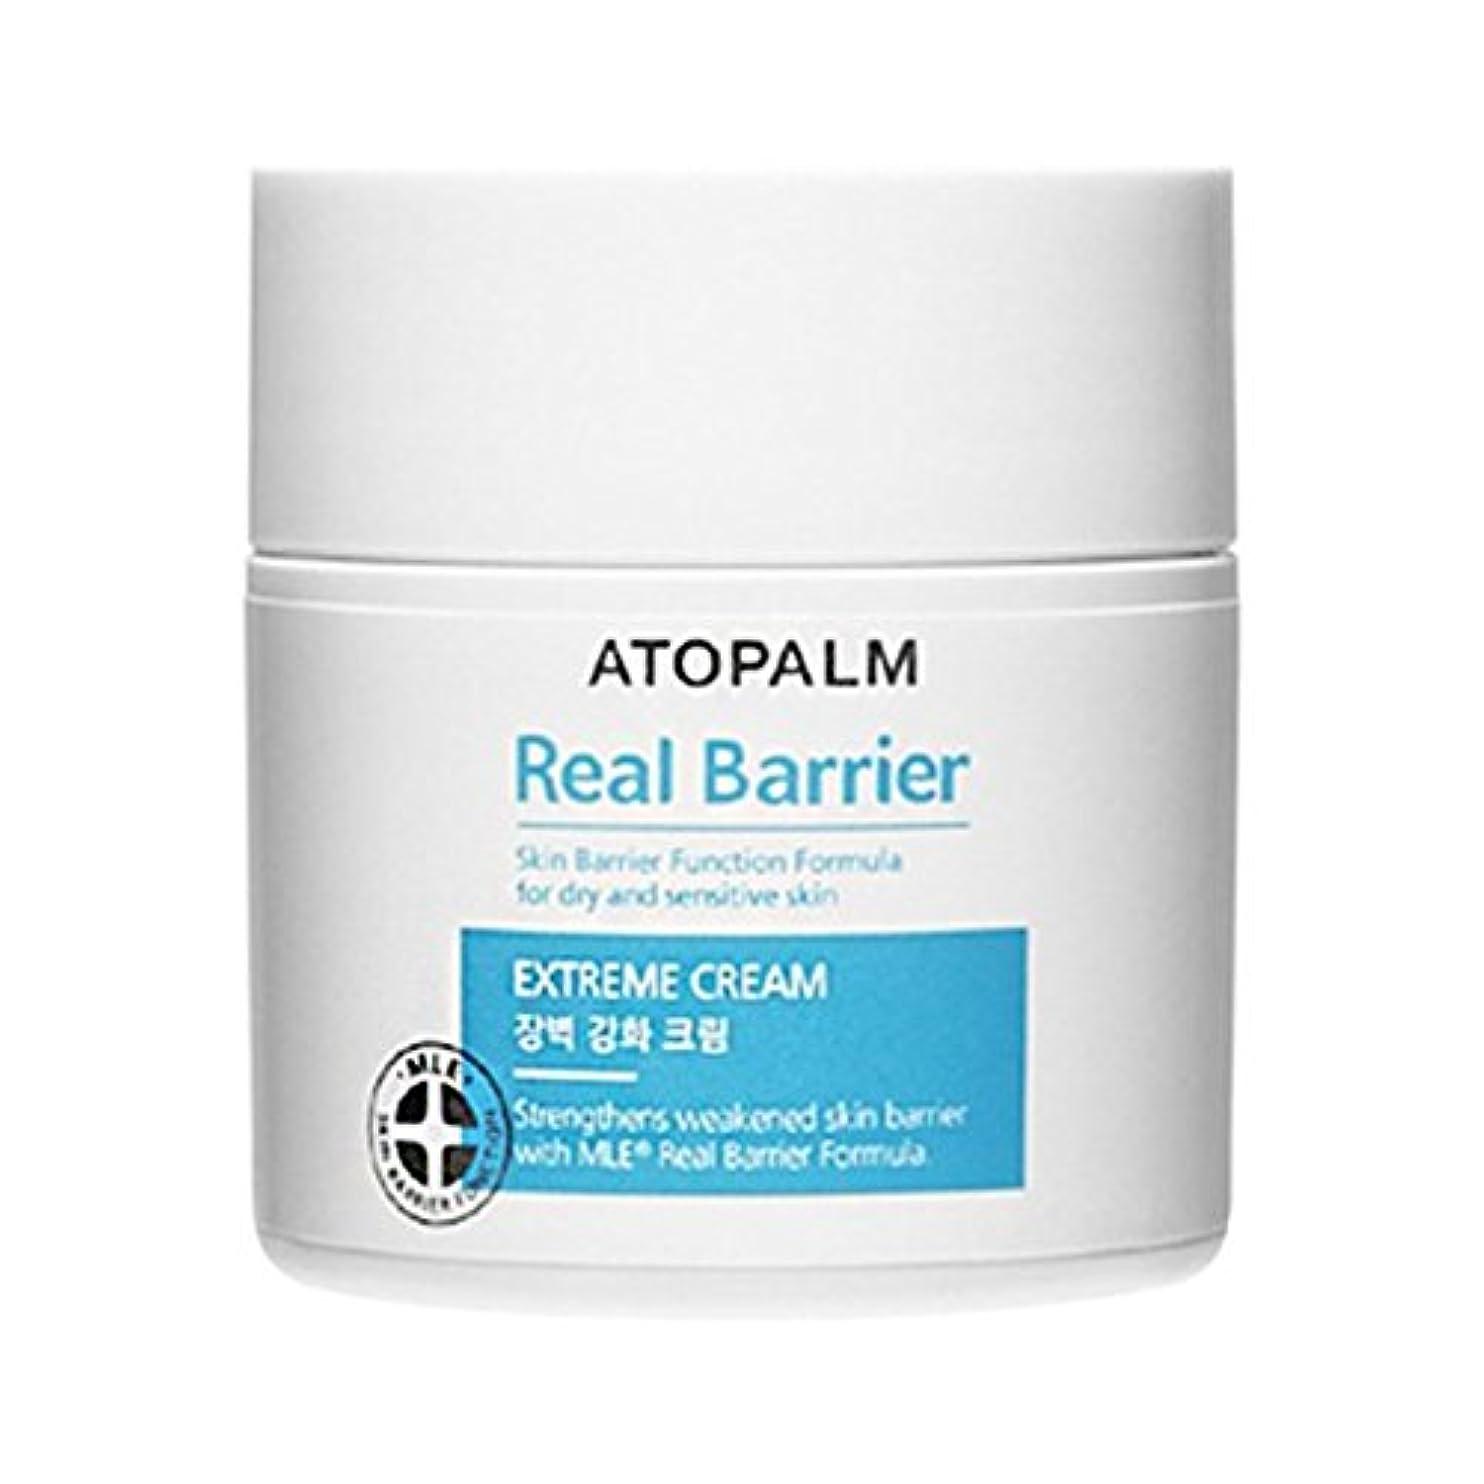 集中すり減る摂氏アトファムリアルバリア?エクストリームクリーム50ml、韓国化粧品 ATOPALM Real Barrier Extream Cream 50ml, Korean Cosmetics [並行輸入品]